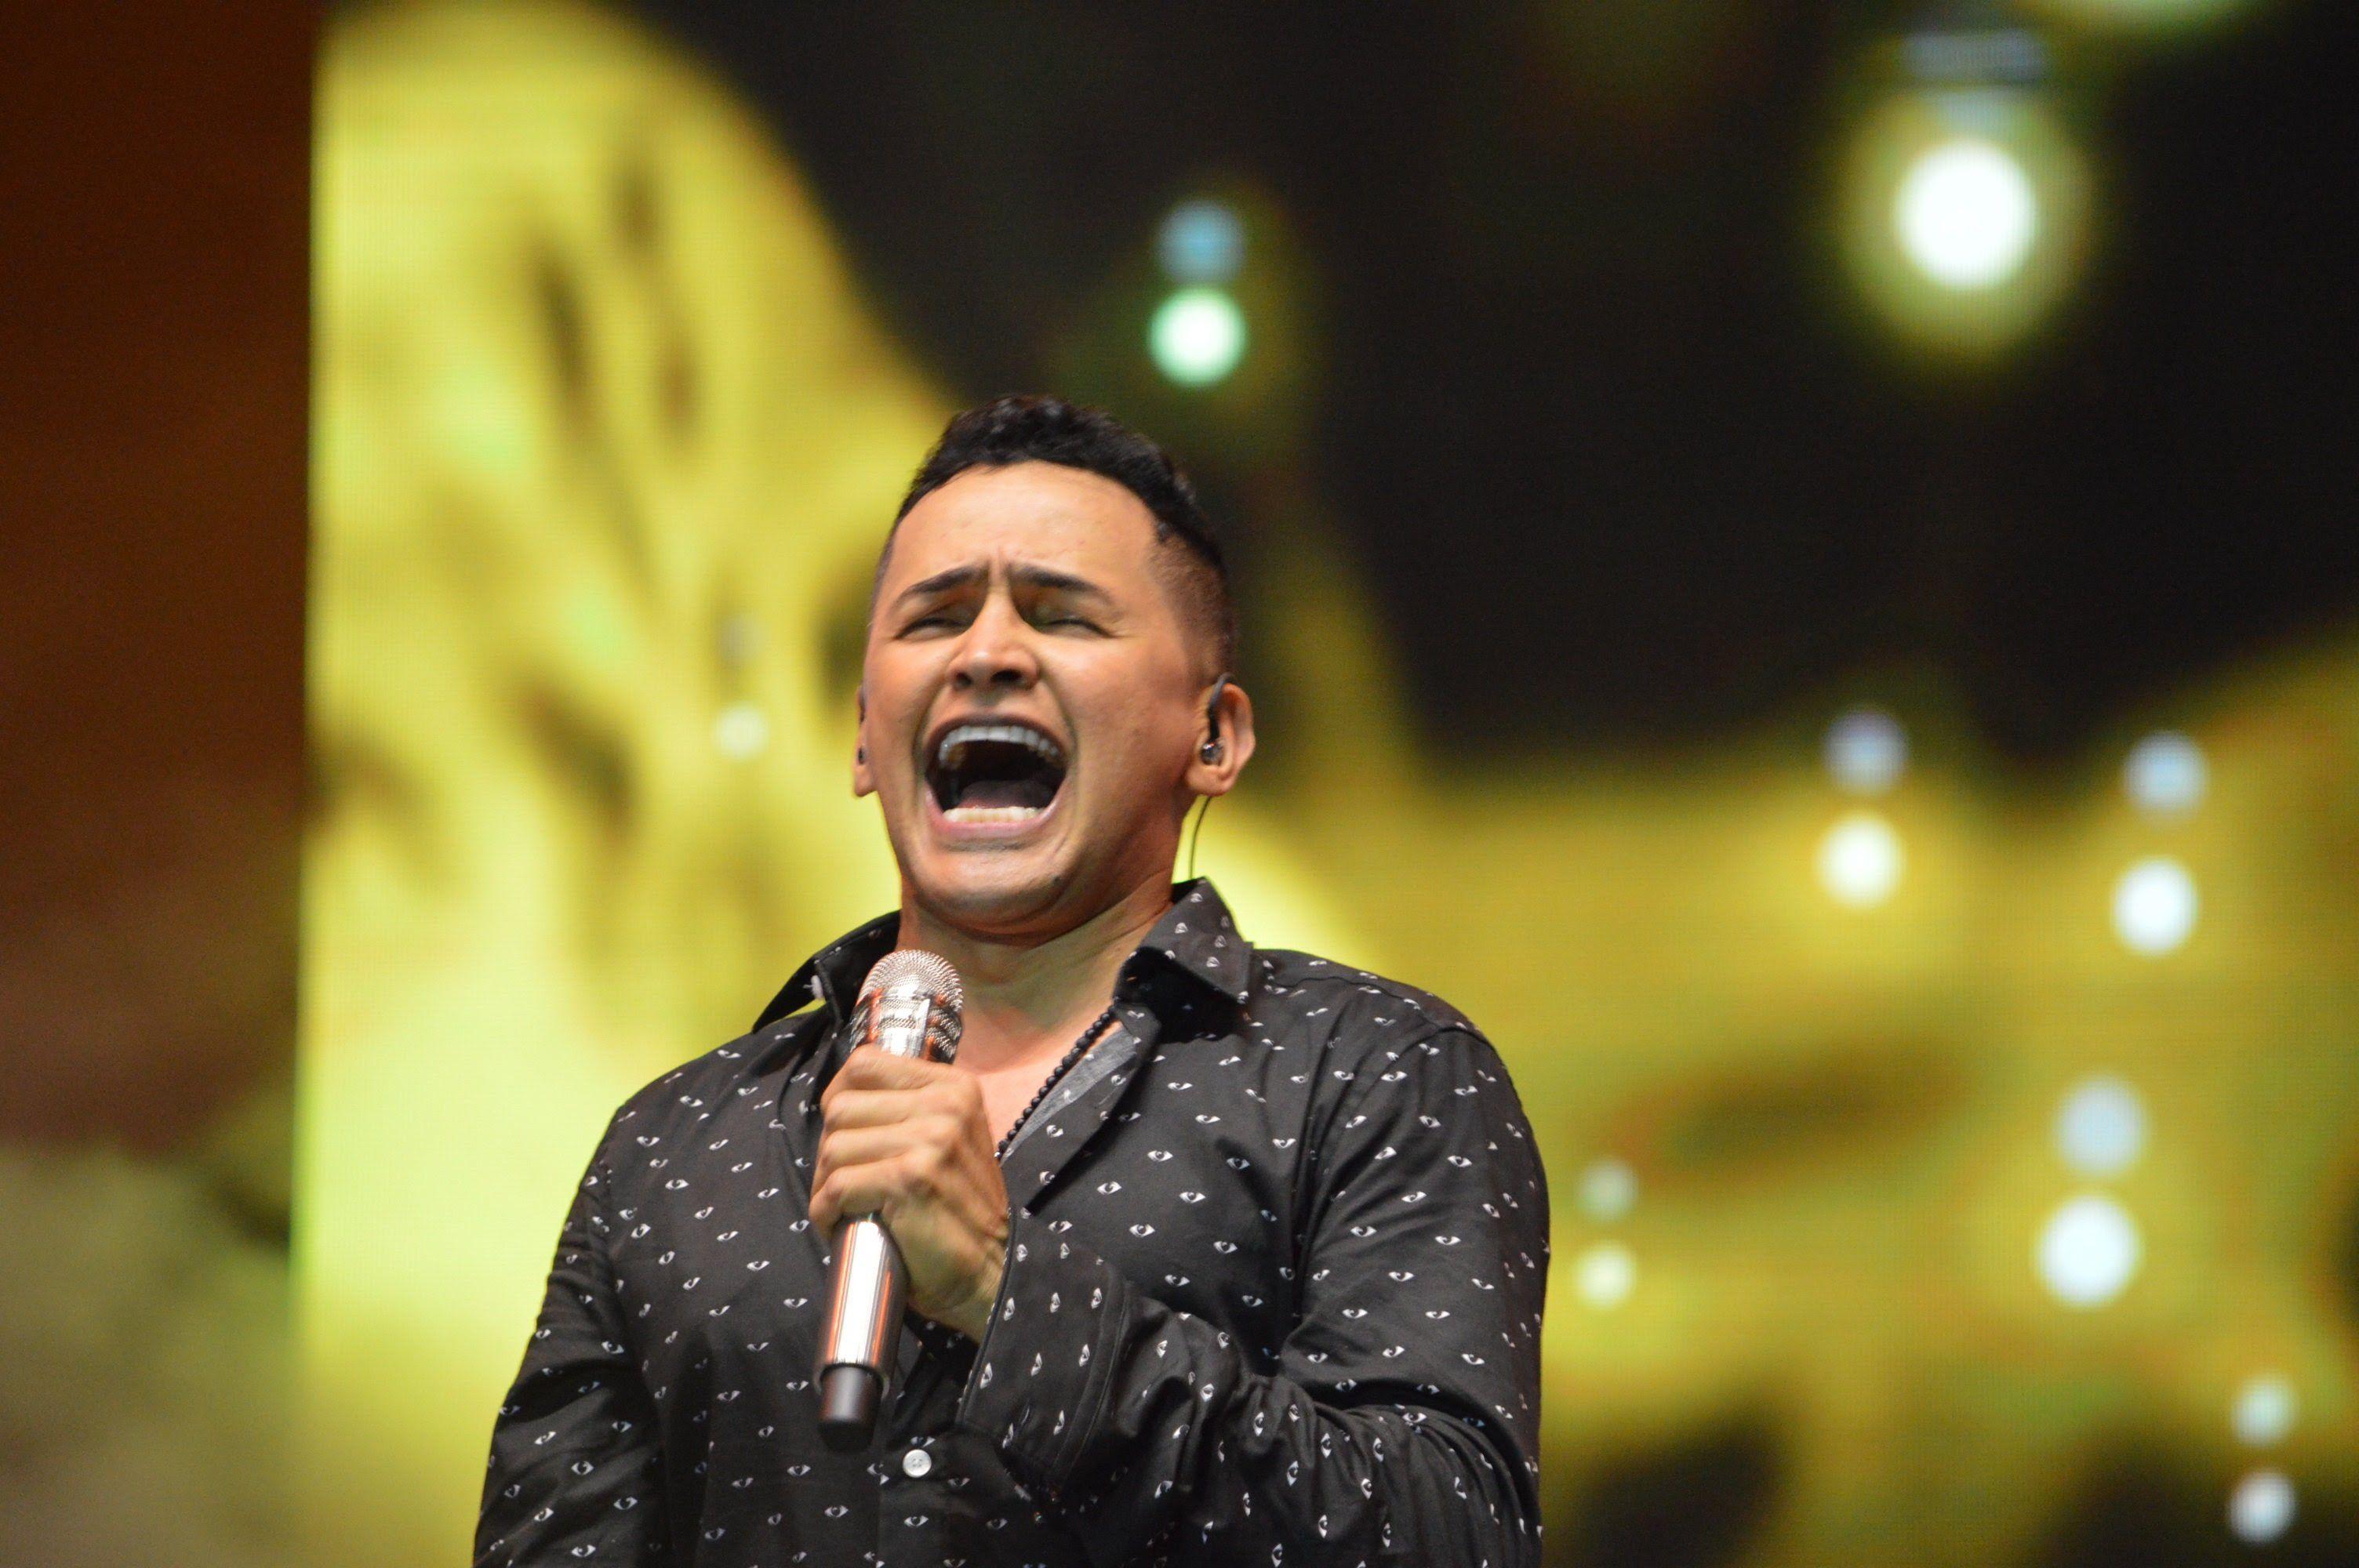 Jorge Celedón excelente en el Festival del Jazz en Mompox